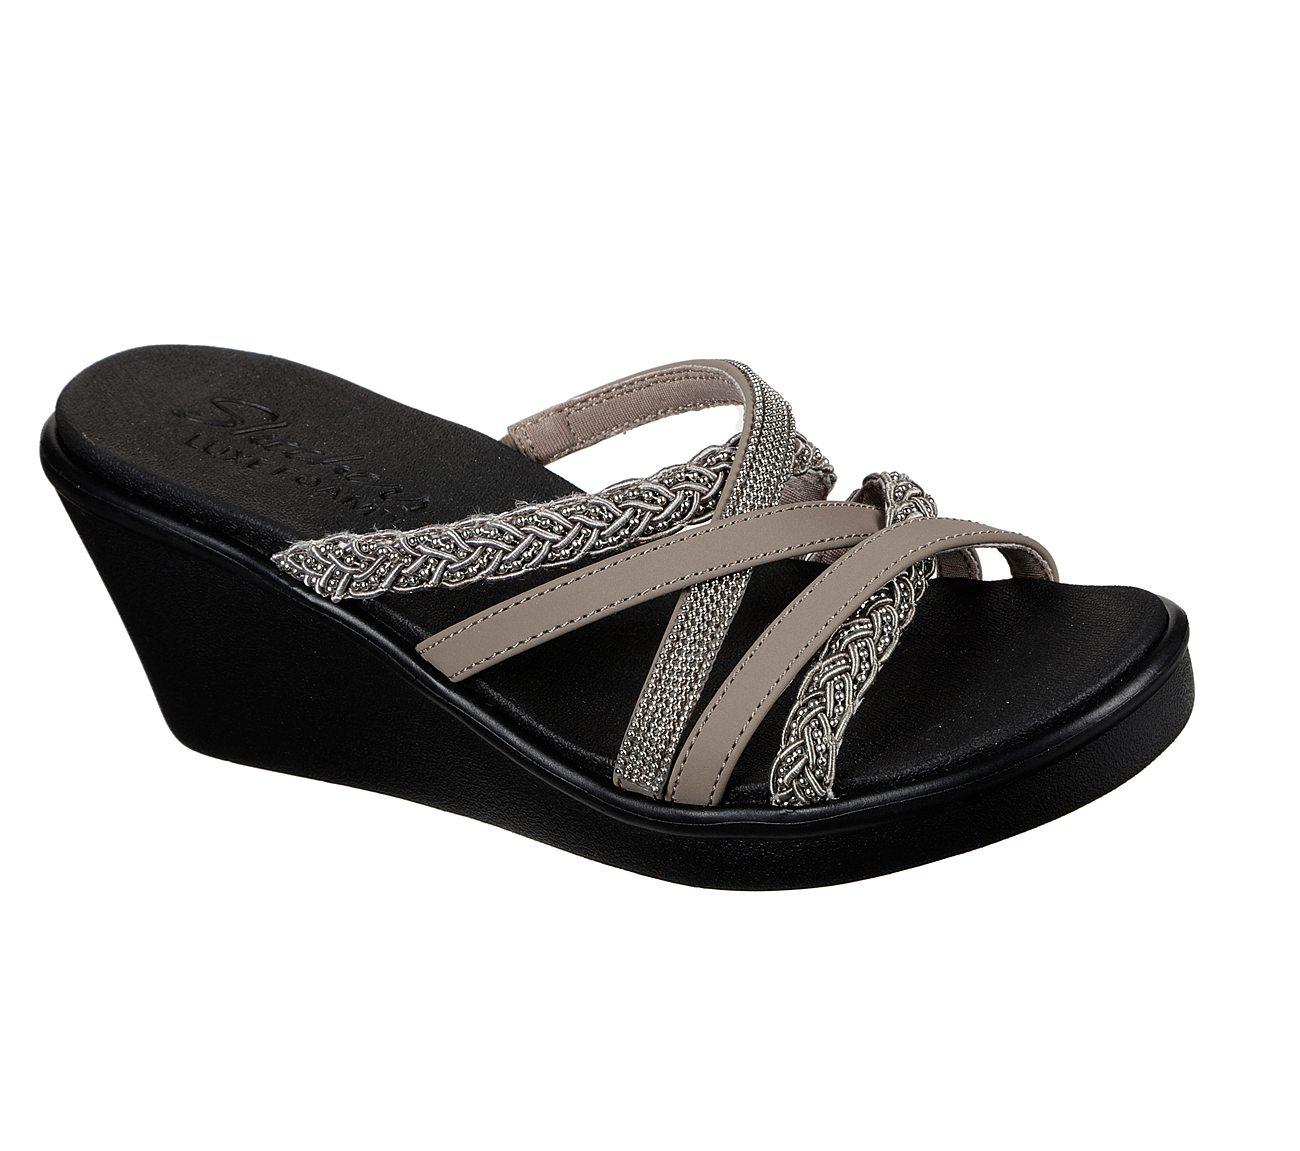 Vatio Napier Faial  Buy SKECHERS Rumble On - Dreamy Days Cali Shoes